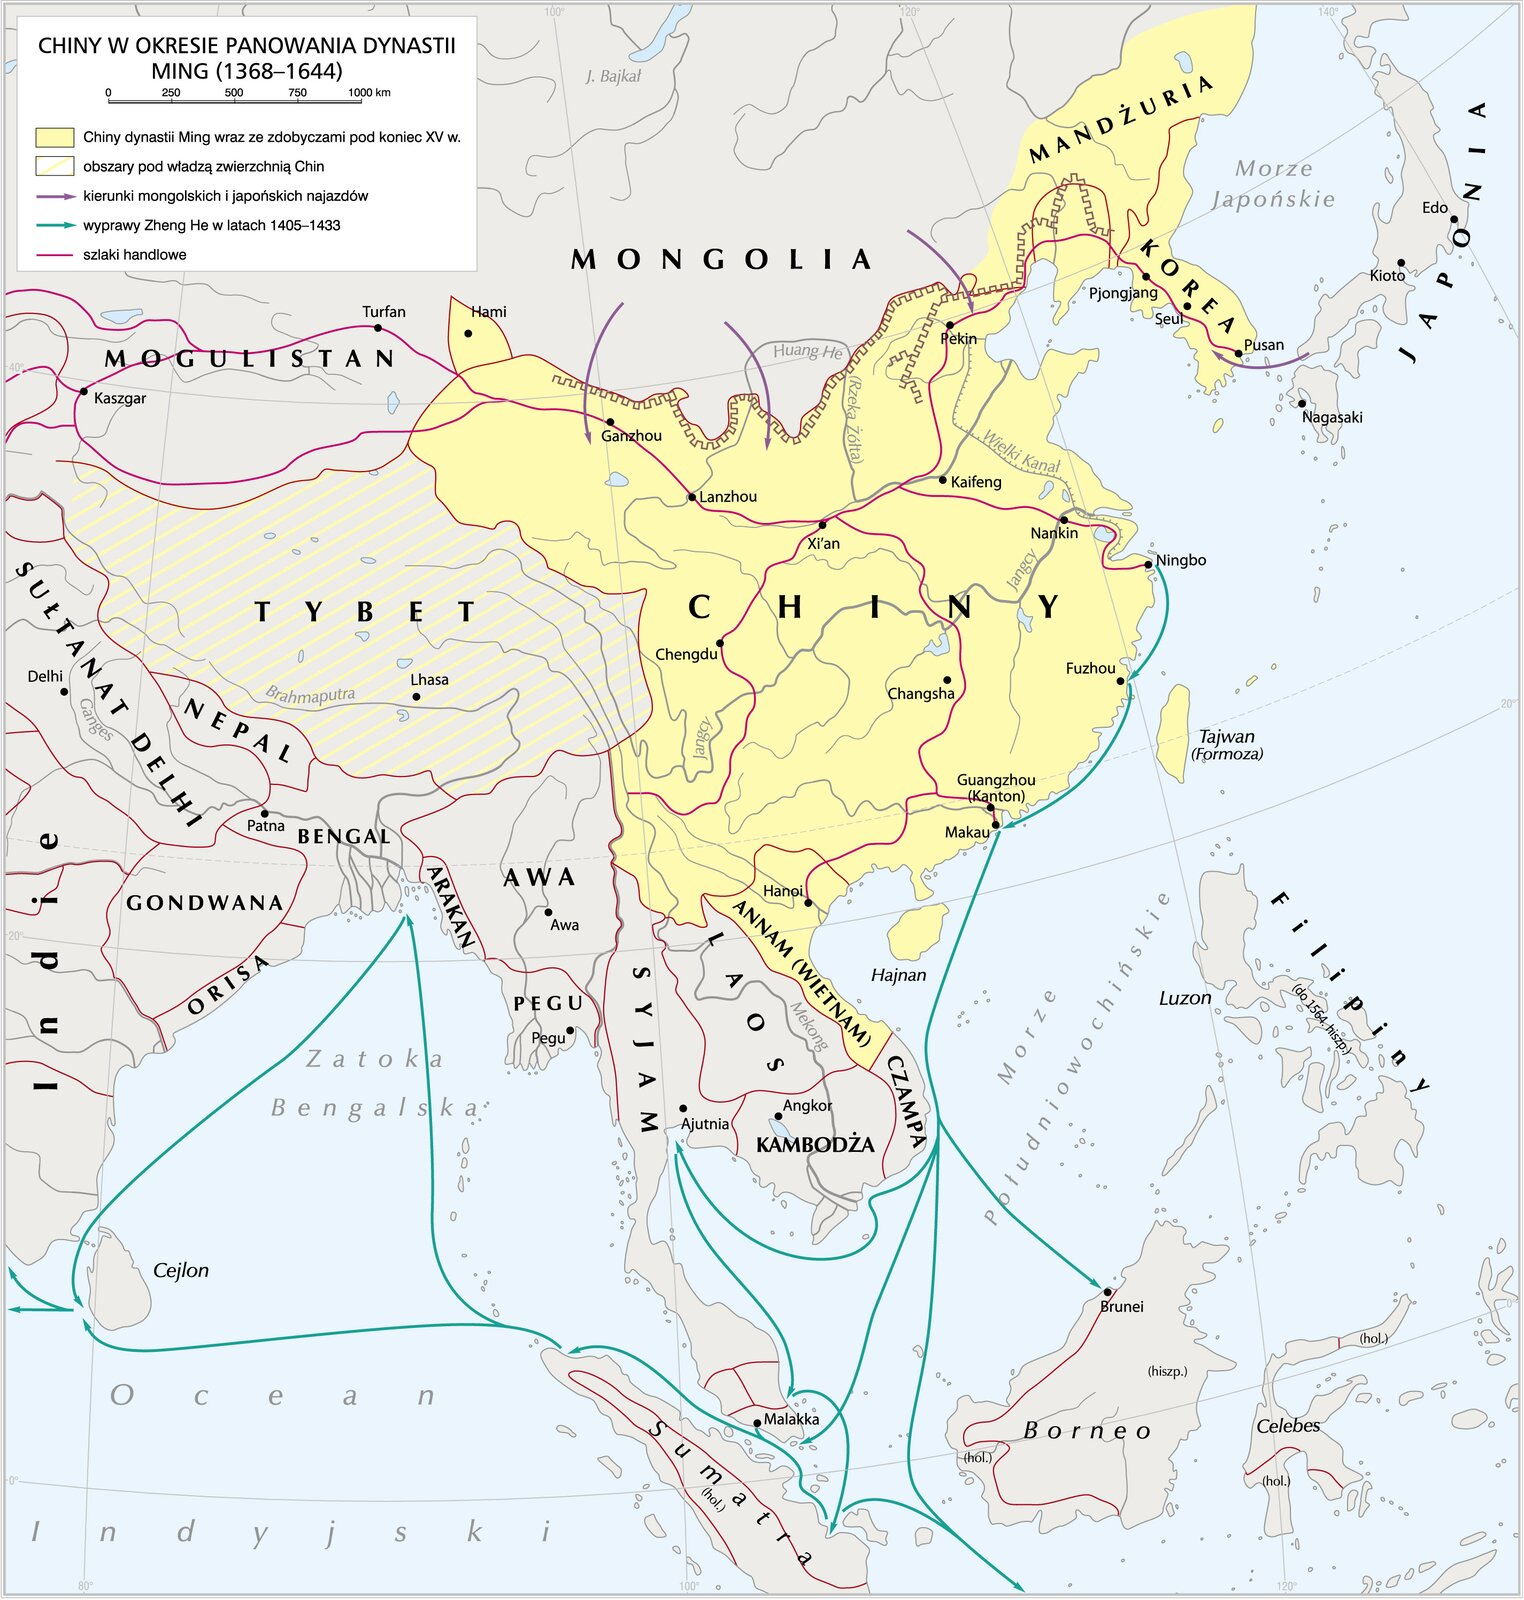 Chiny wokresie panowania dynastii Ming Chiny wokresie panowania dynastii Ming Źródło: Krystian Chariza izespół, licencja: CC BY 4.0.